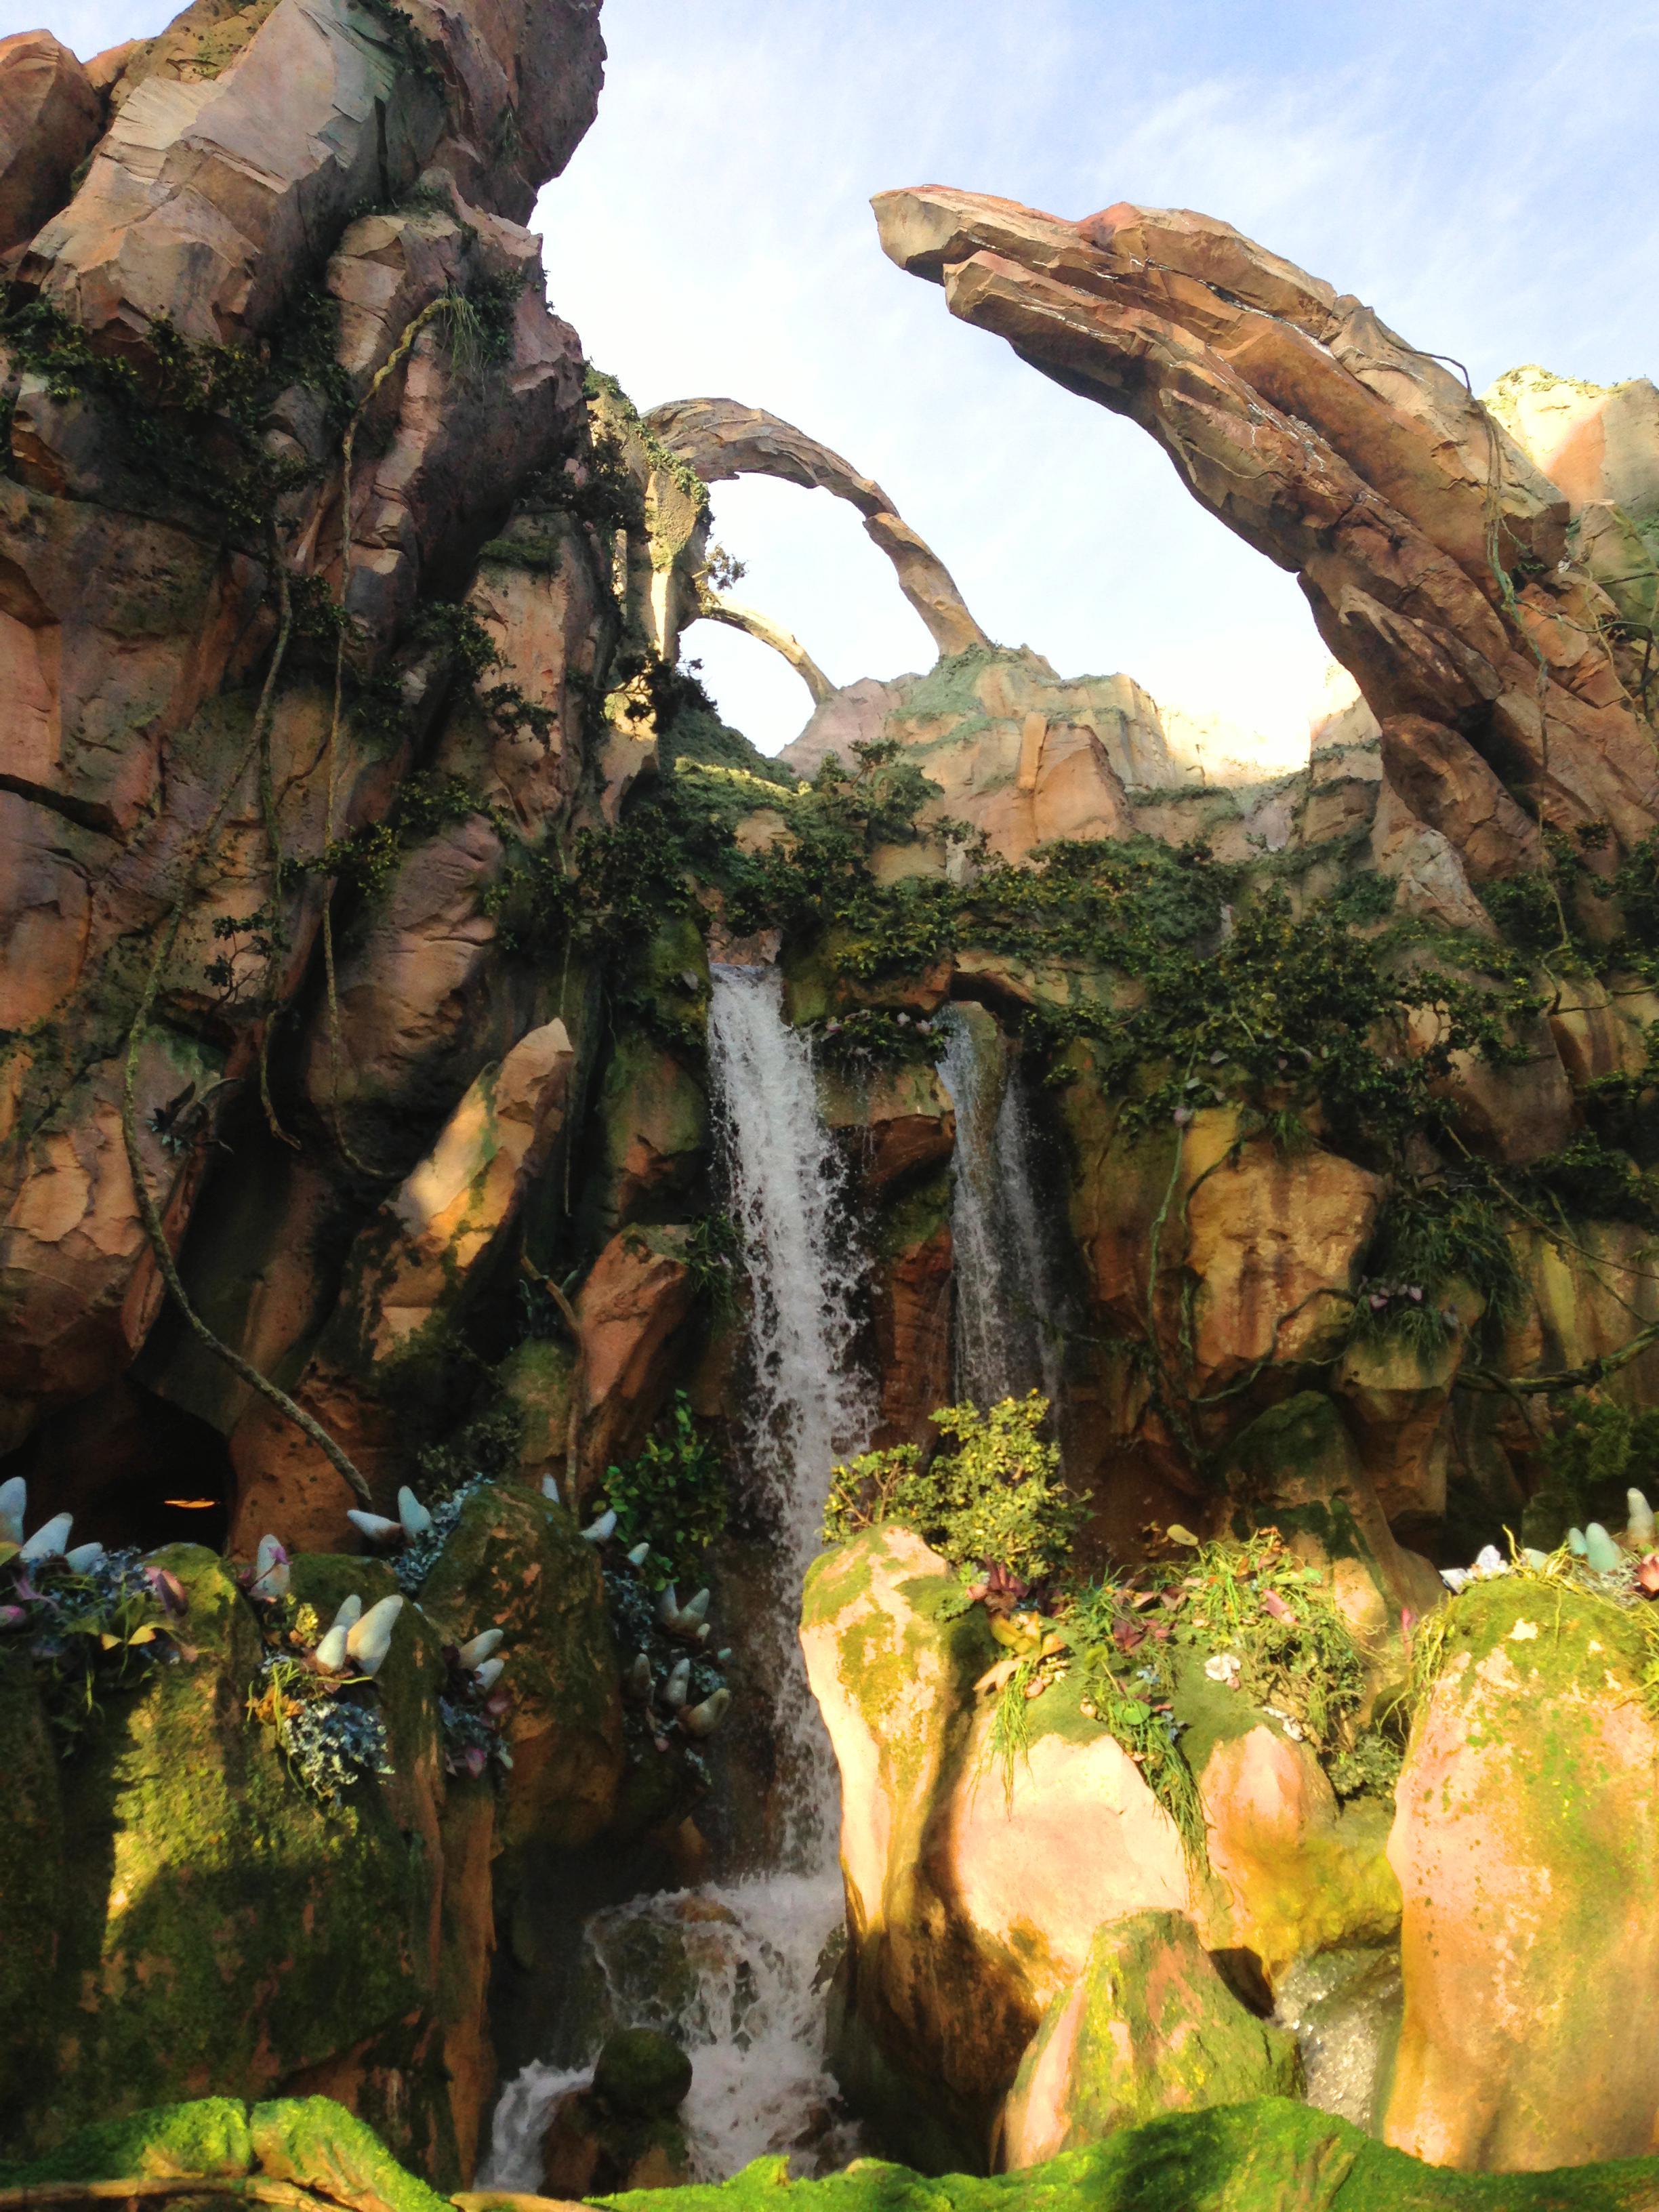 waterfall in pandora world of avatar